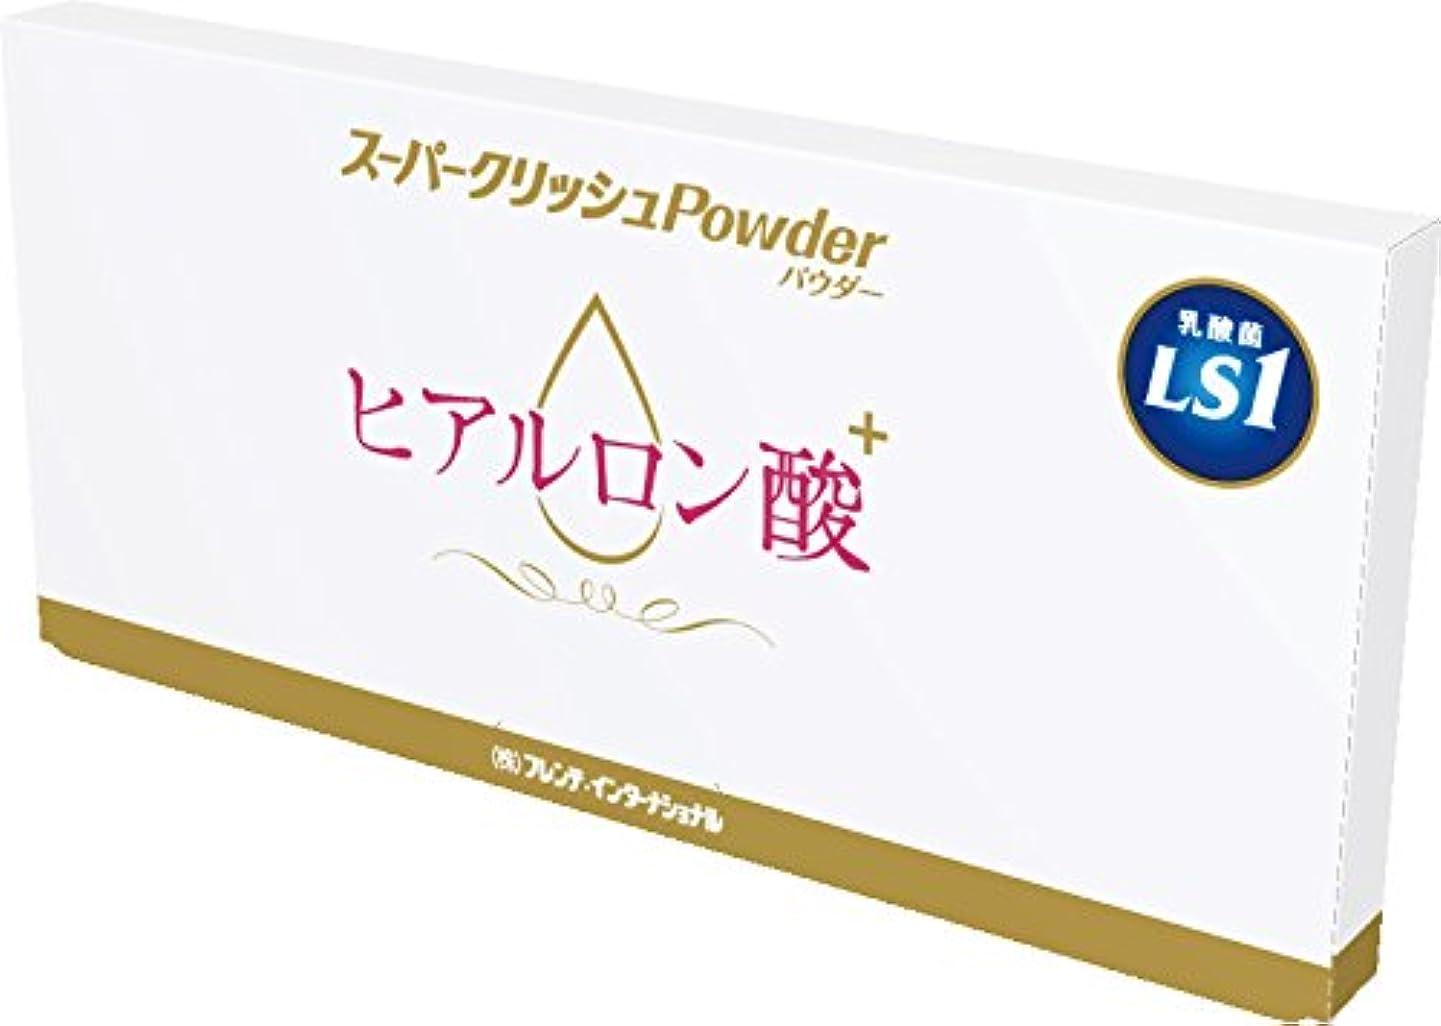 準備した教義水スーパークリッシュ 【お口の乳酸菌+ヒアルロン酸】 Powder